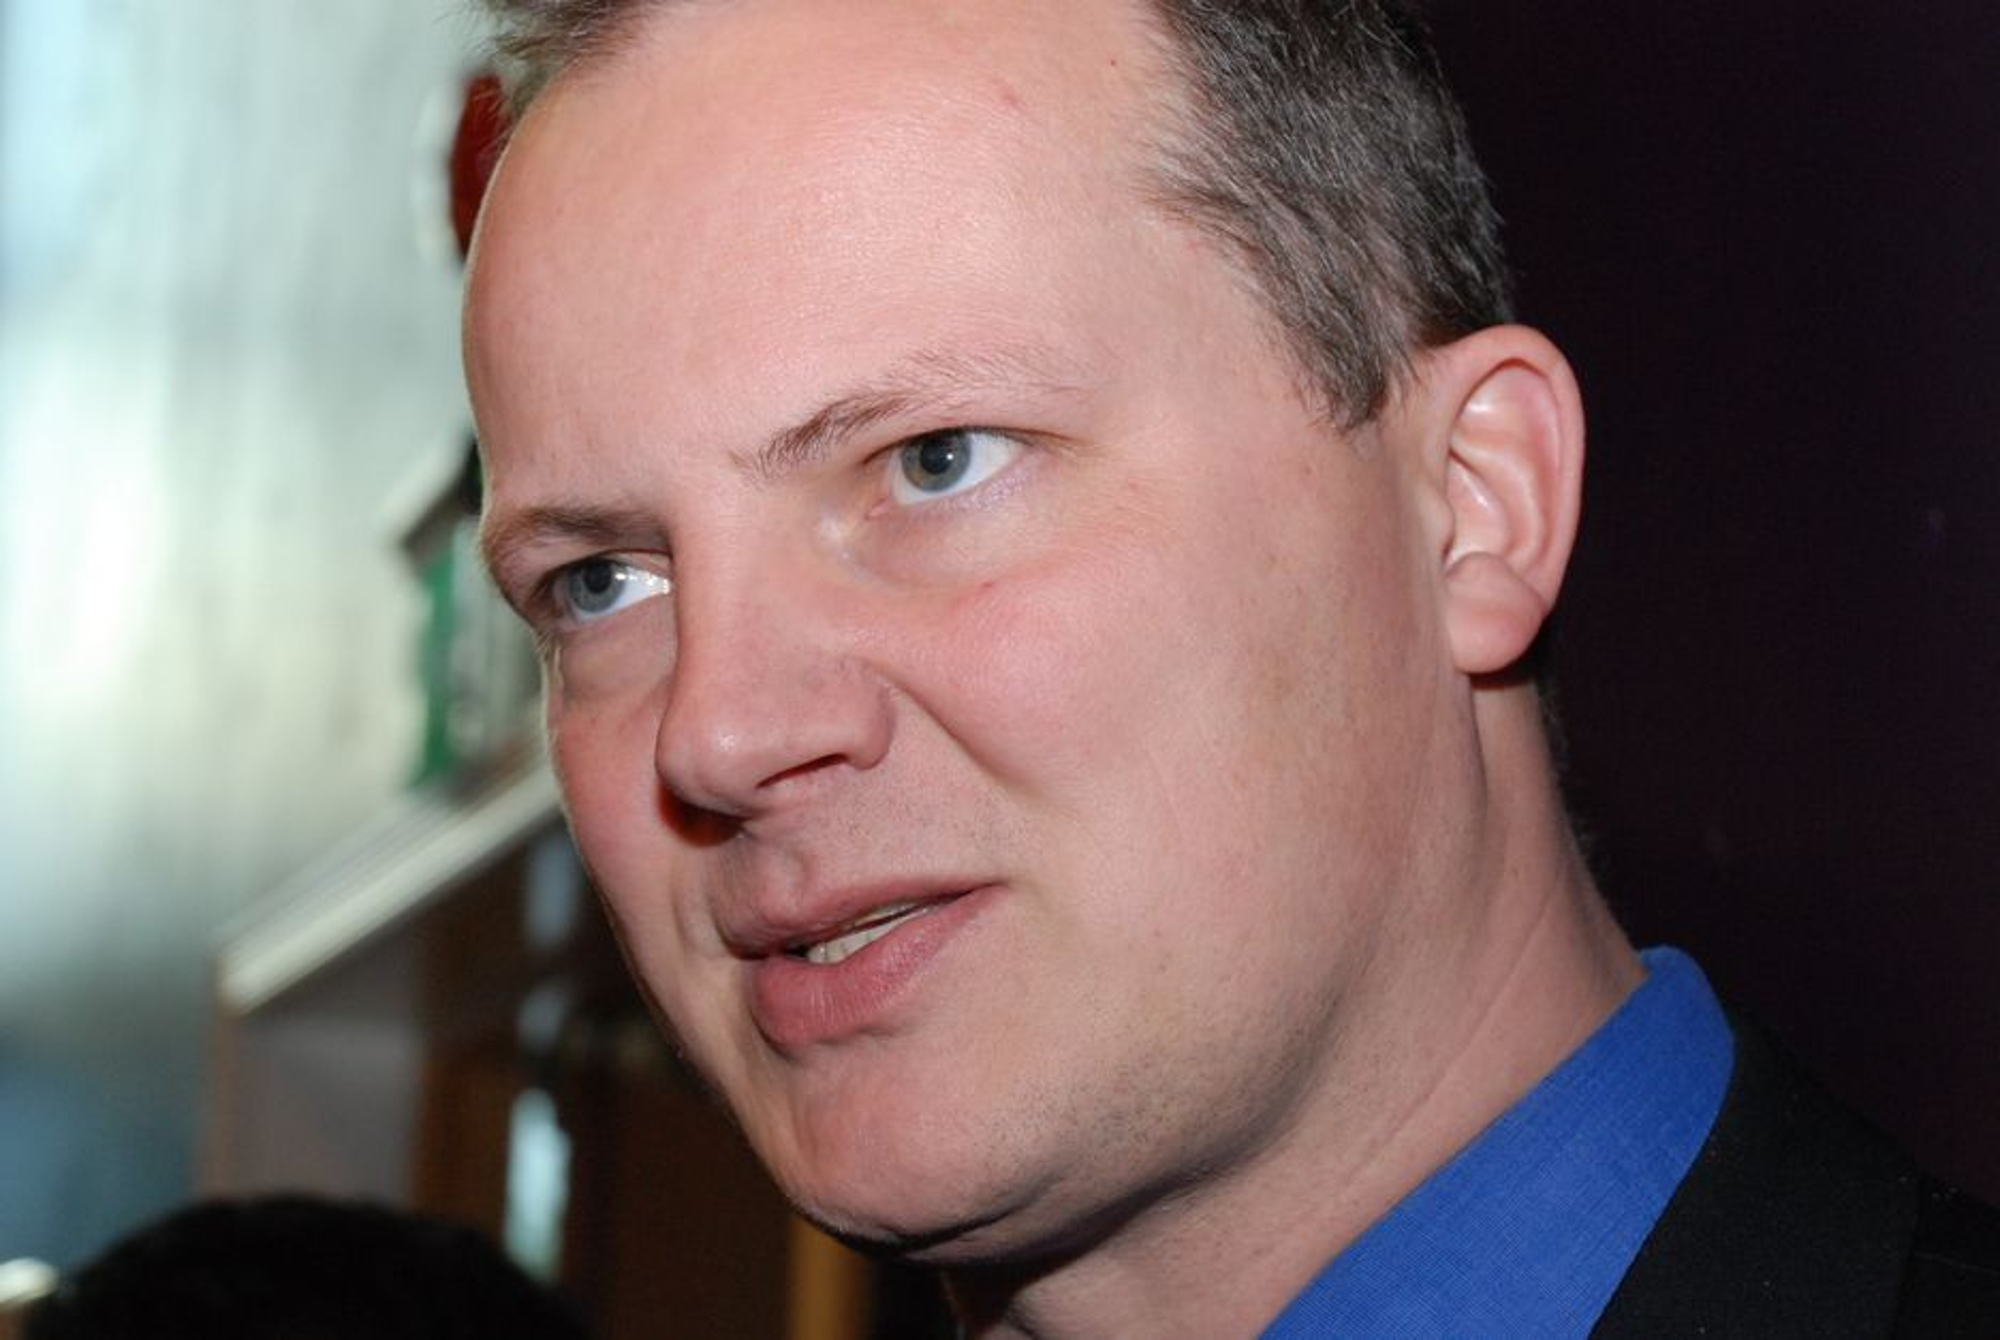 SKEPTISK: Ketil Solvik-Olsen vil ha svar på hvordan regjeringen skal håndtere konsekvensene av elektrifisering på sokkelen.